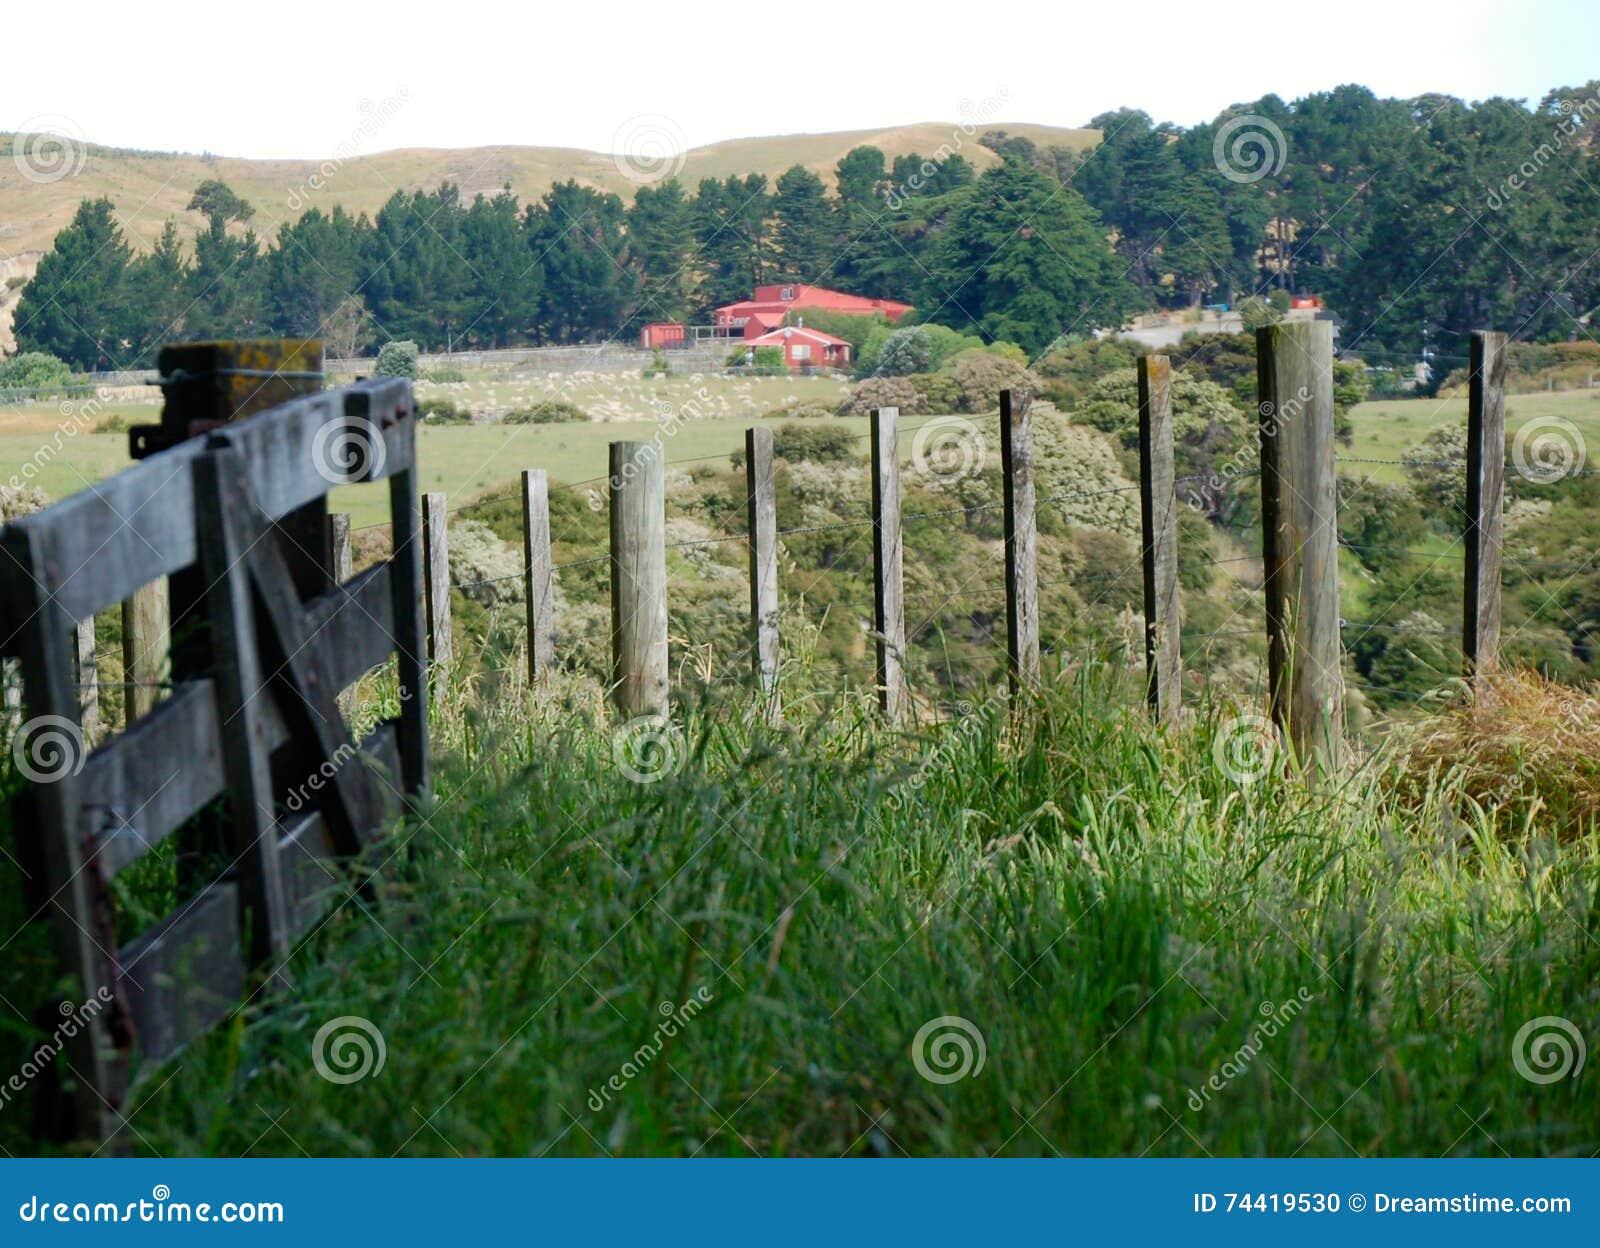 Piękna sceneria, ziemia uprawna, wieśniaka krajobraz